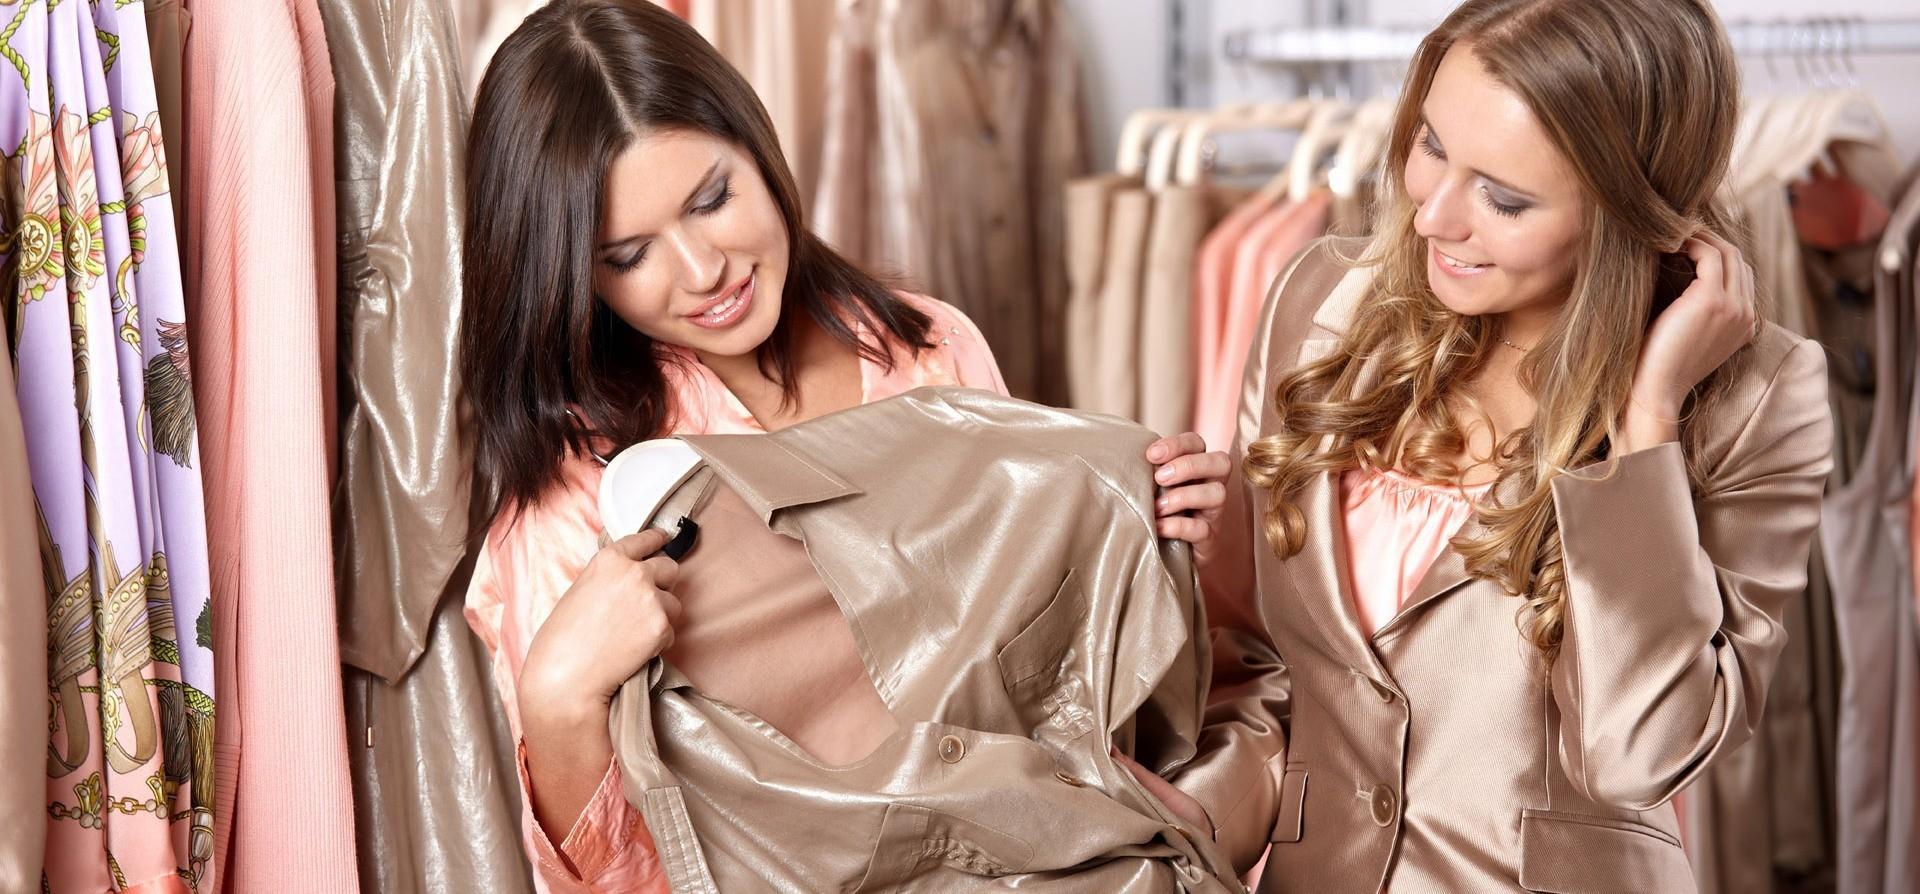 С девушки снимают всю одежду 6 фотография